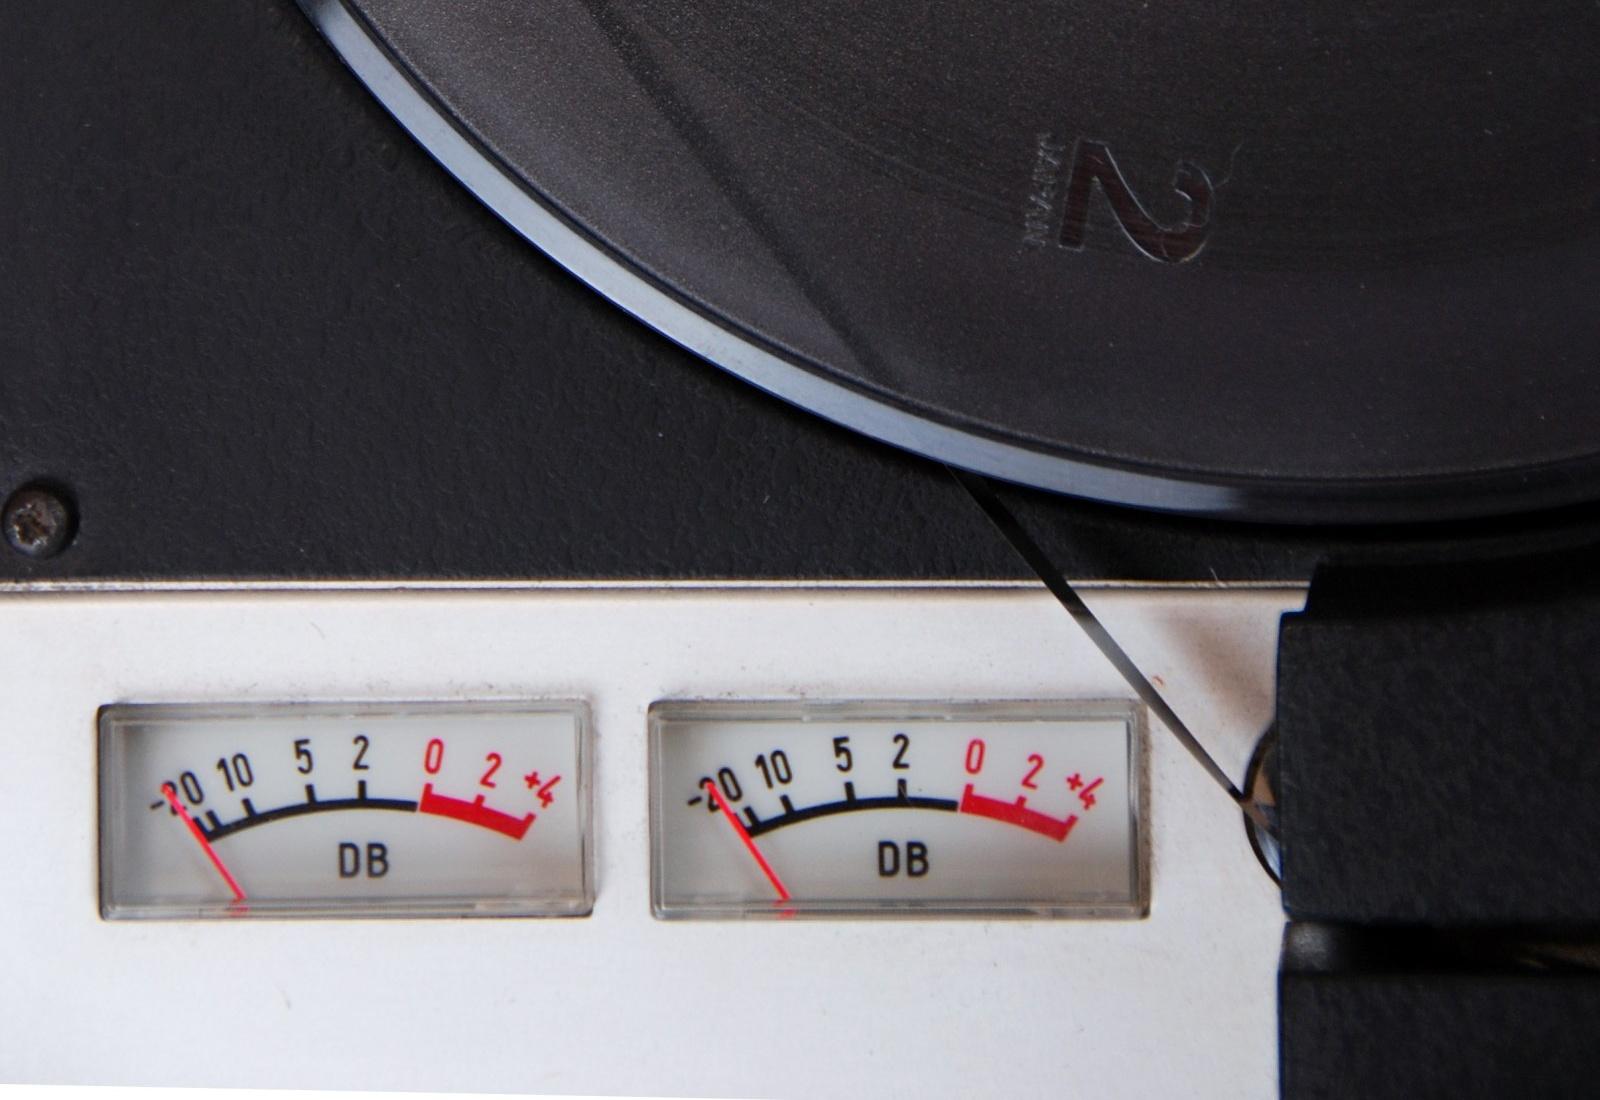 天宝Tandberg 6000X 开盘机– Lark Club